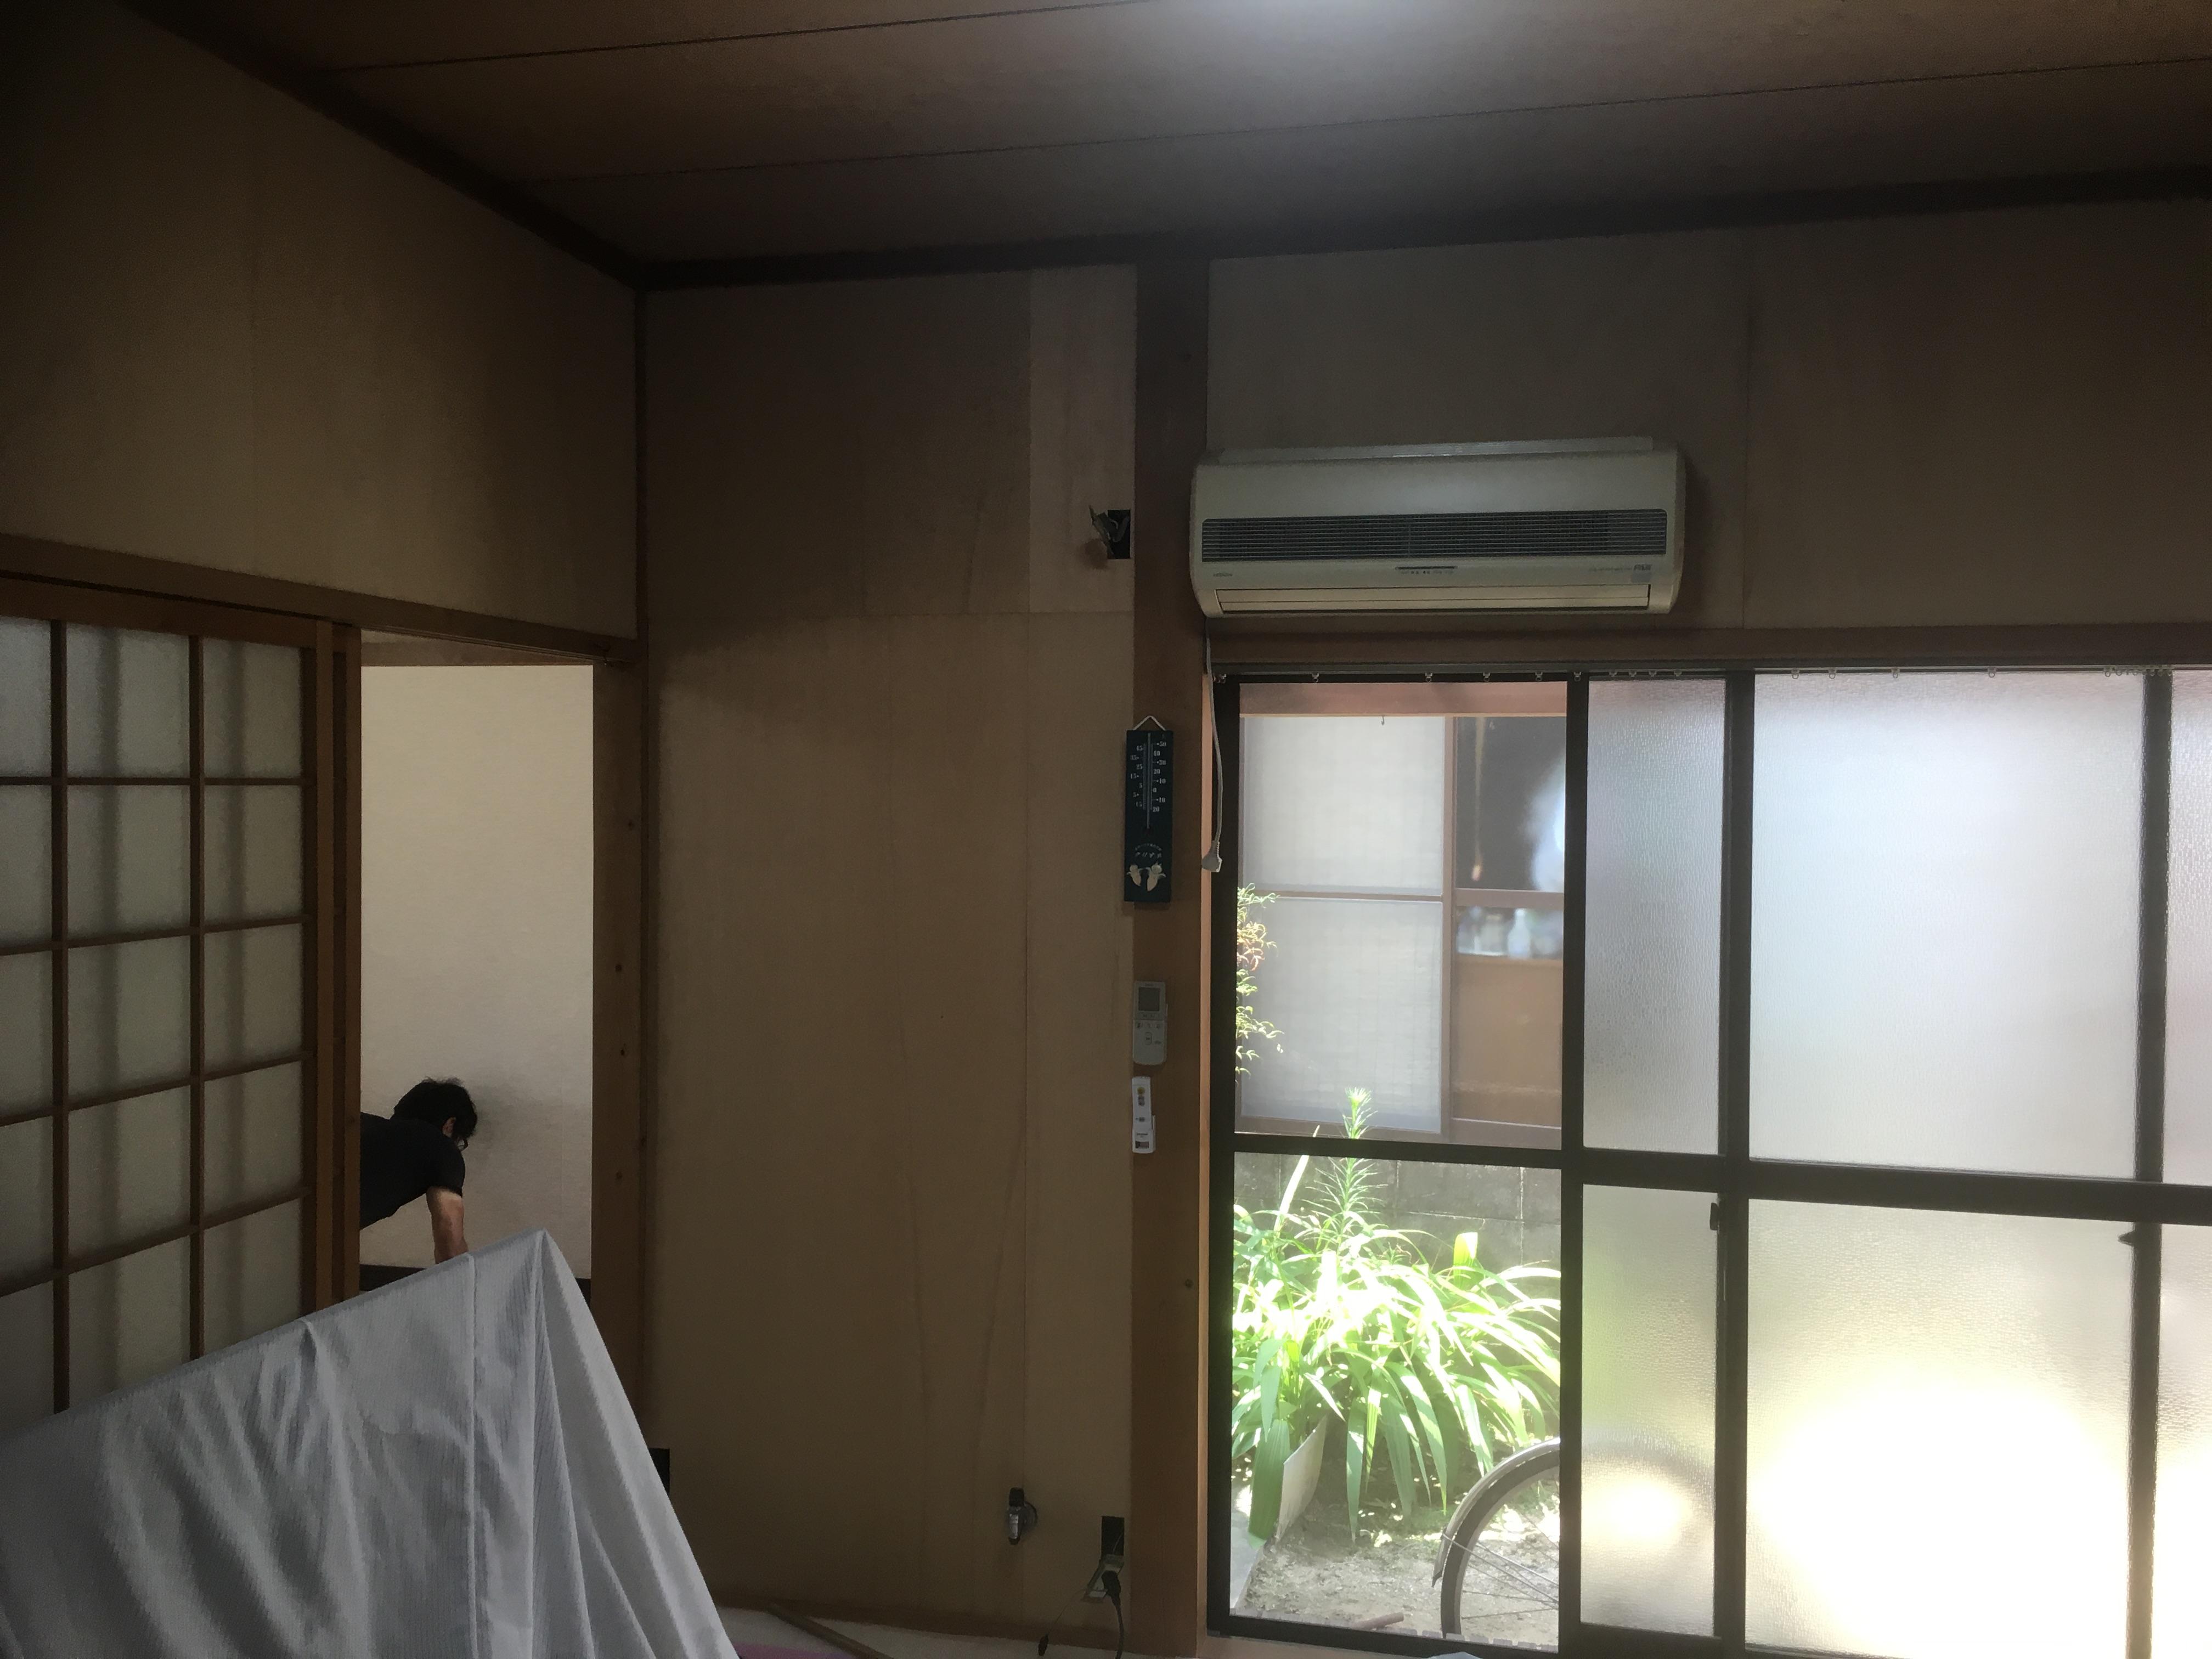 尾道市向島町にて築年数により内装を綺麗にしたいとご要望頂きました!